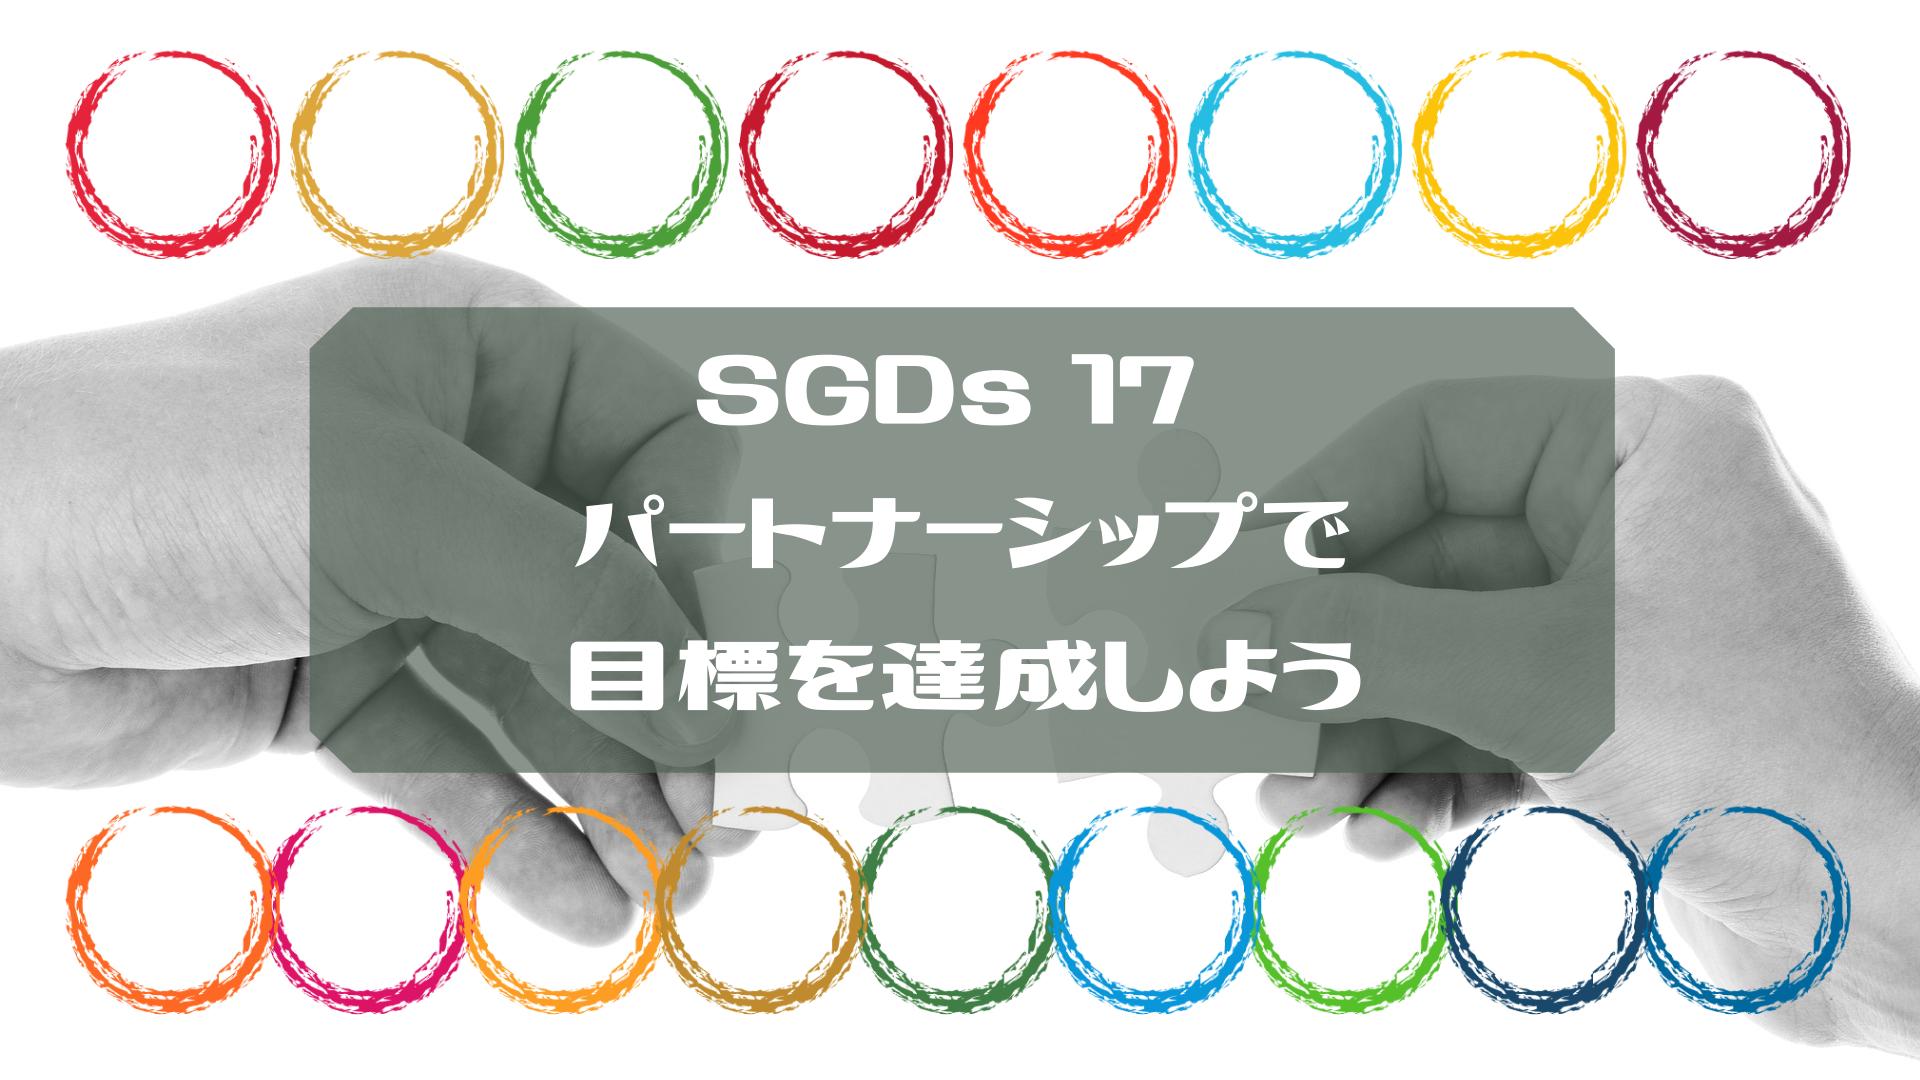 SDGs目標17「パートナーシップで目標を達成しよう」とは|重要キーワードをピックアップ